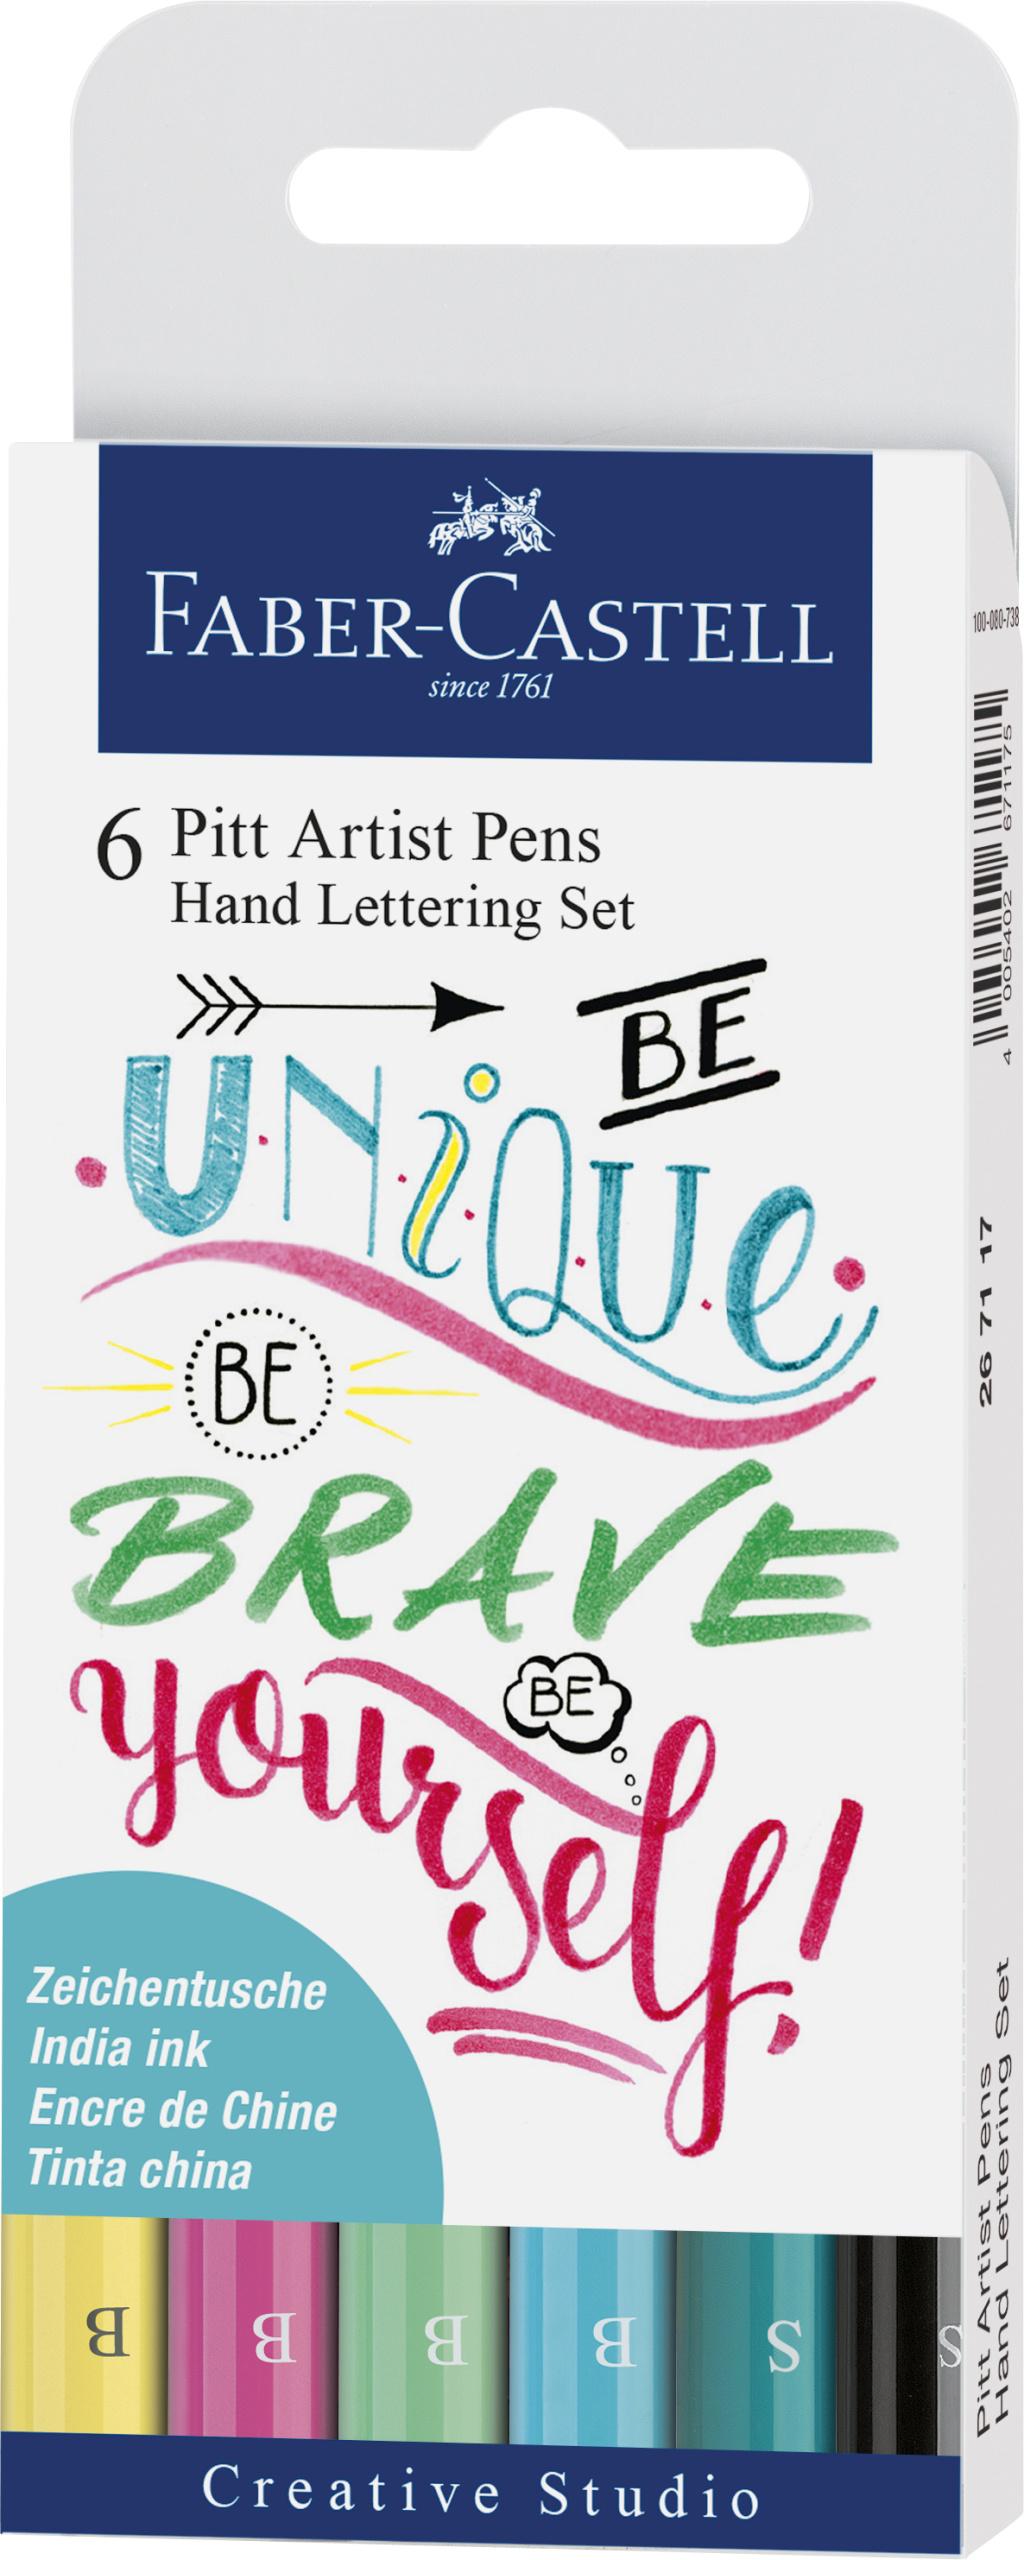 Faber-Castell Pitt Artist Pen Handlettering 6er Etui, Pastelltöne #Lettering